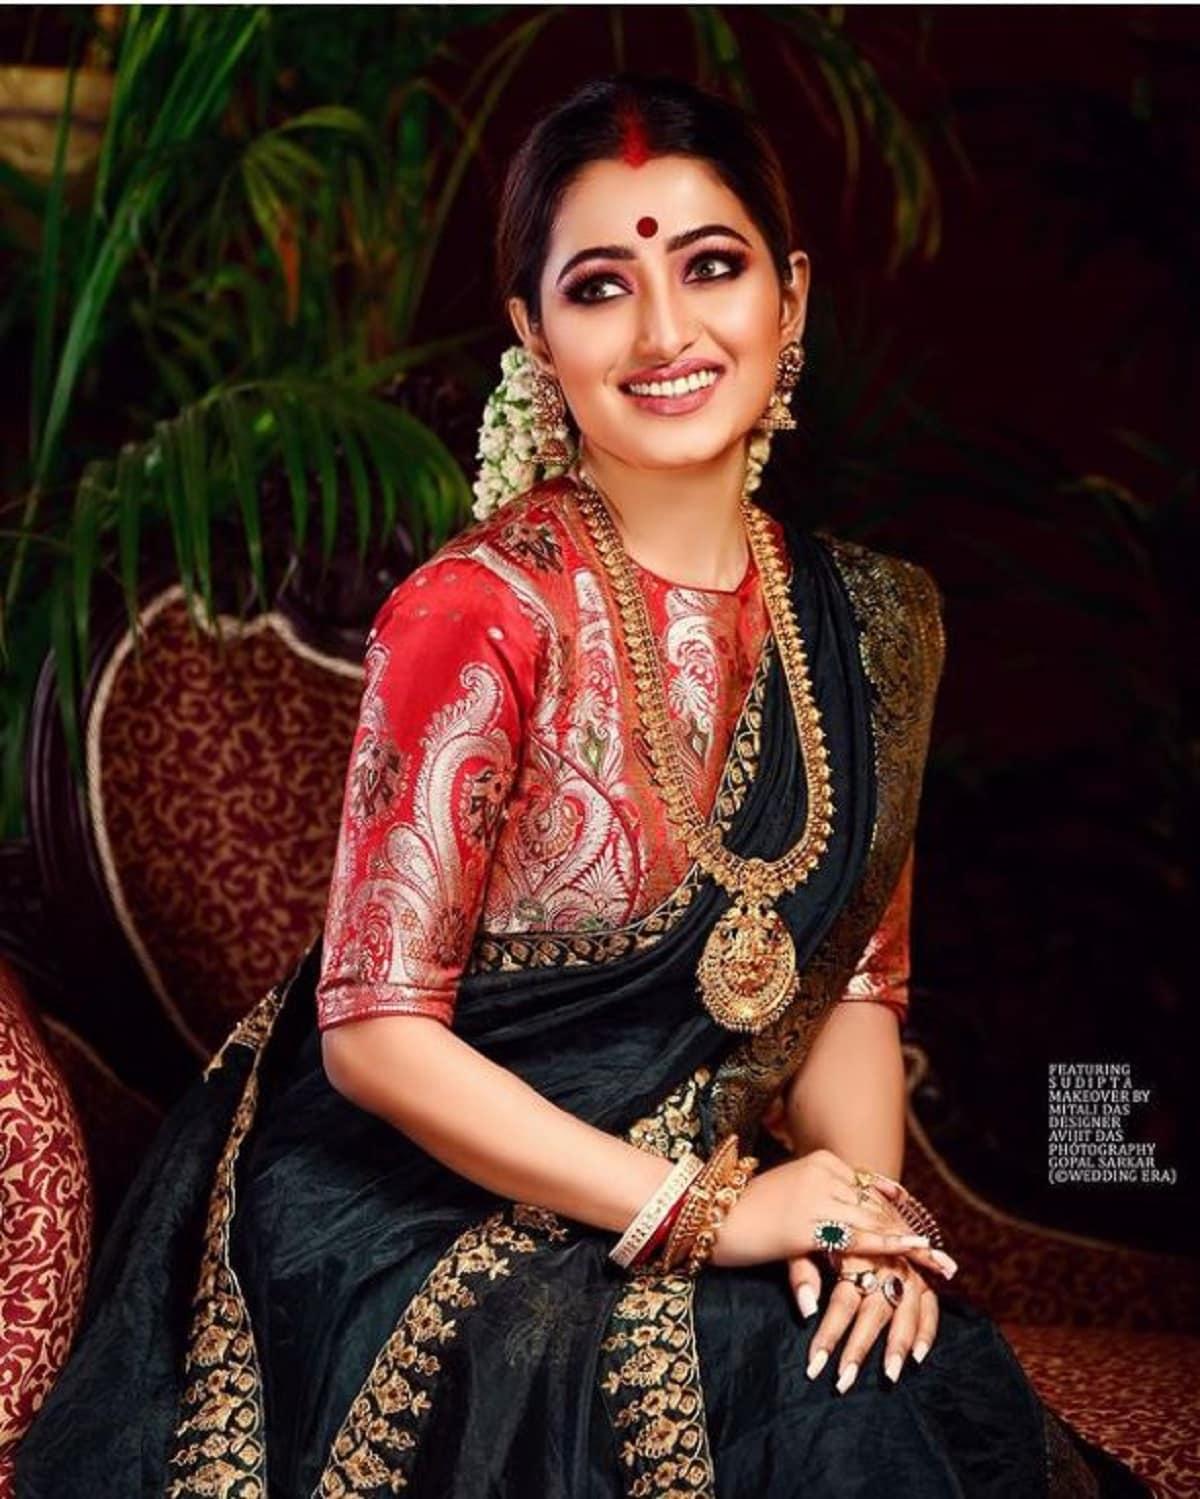 কালো শাড়ি ও লাল ব্লাউজে মোহময়ী টলি অভিনেত্রী সুদীপ্তা। ছবিটি ইনস্টাগ্রামে শেয়ার করেছেন তিনি।photo source Instagram